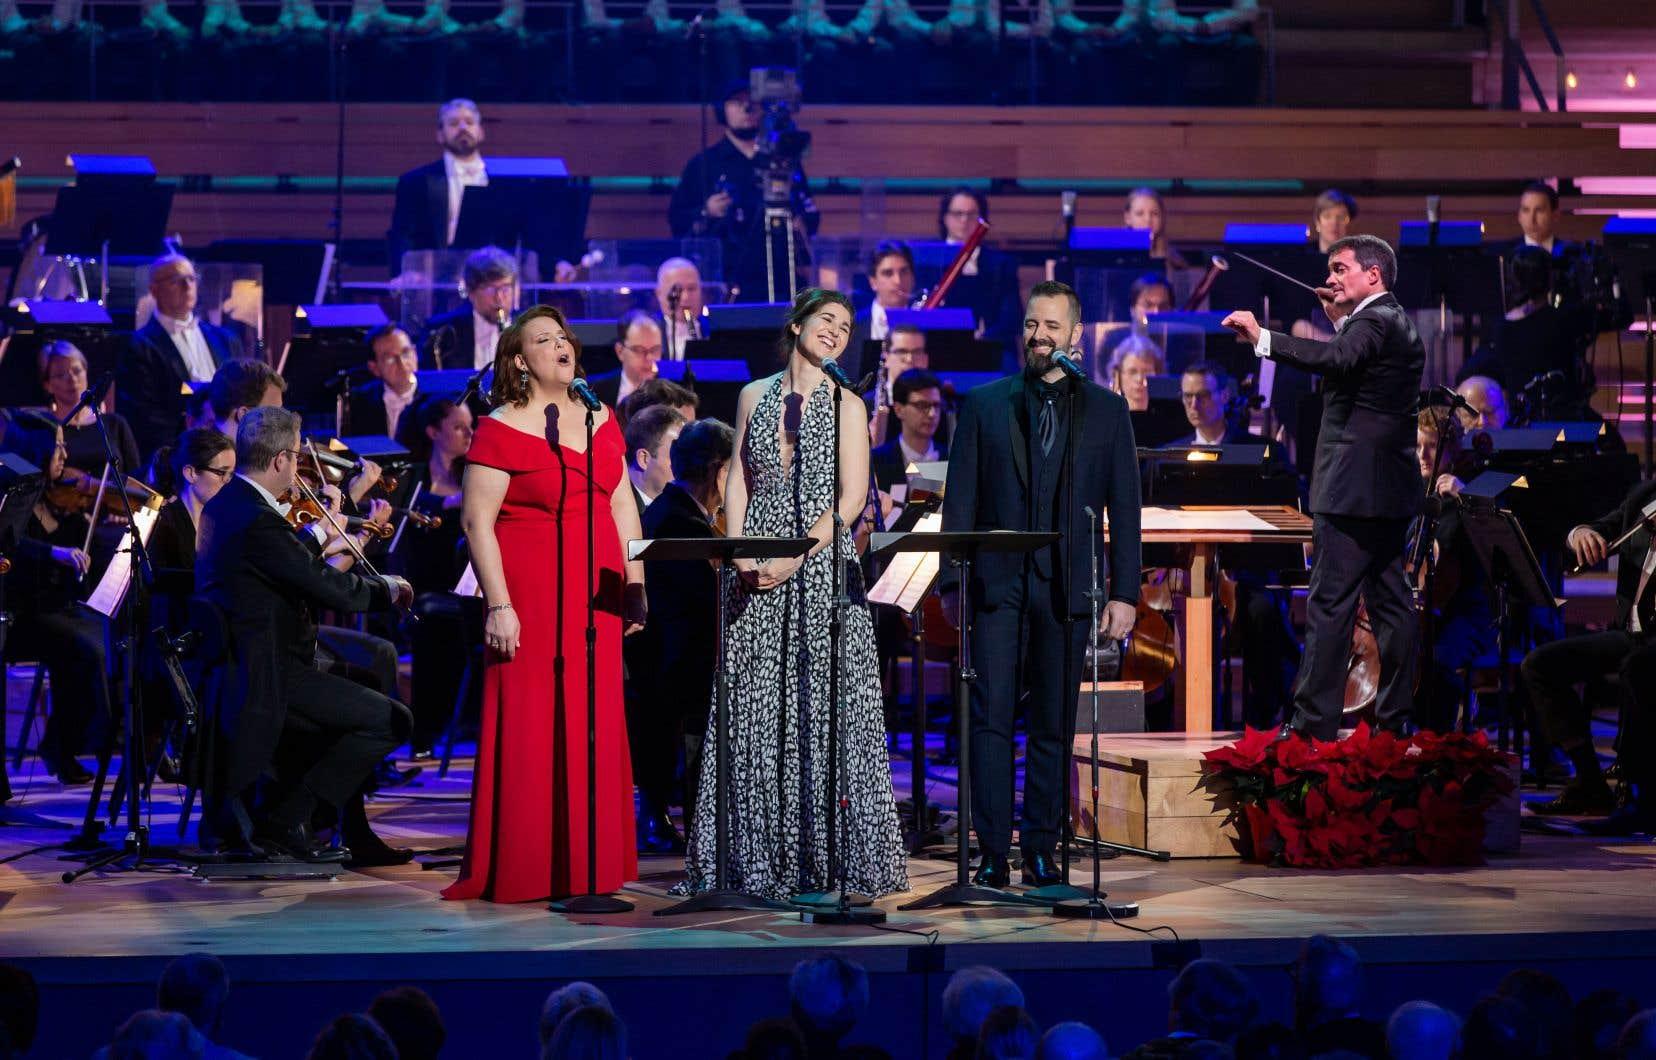 Les chanteurs Marie-Nicole Lemieux, Nicole Car et Étienne Dupuis ont livré une prestation d'envergure.